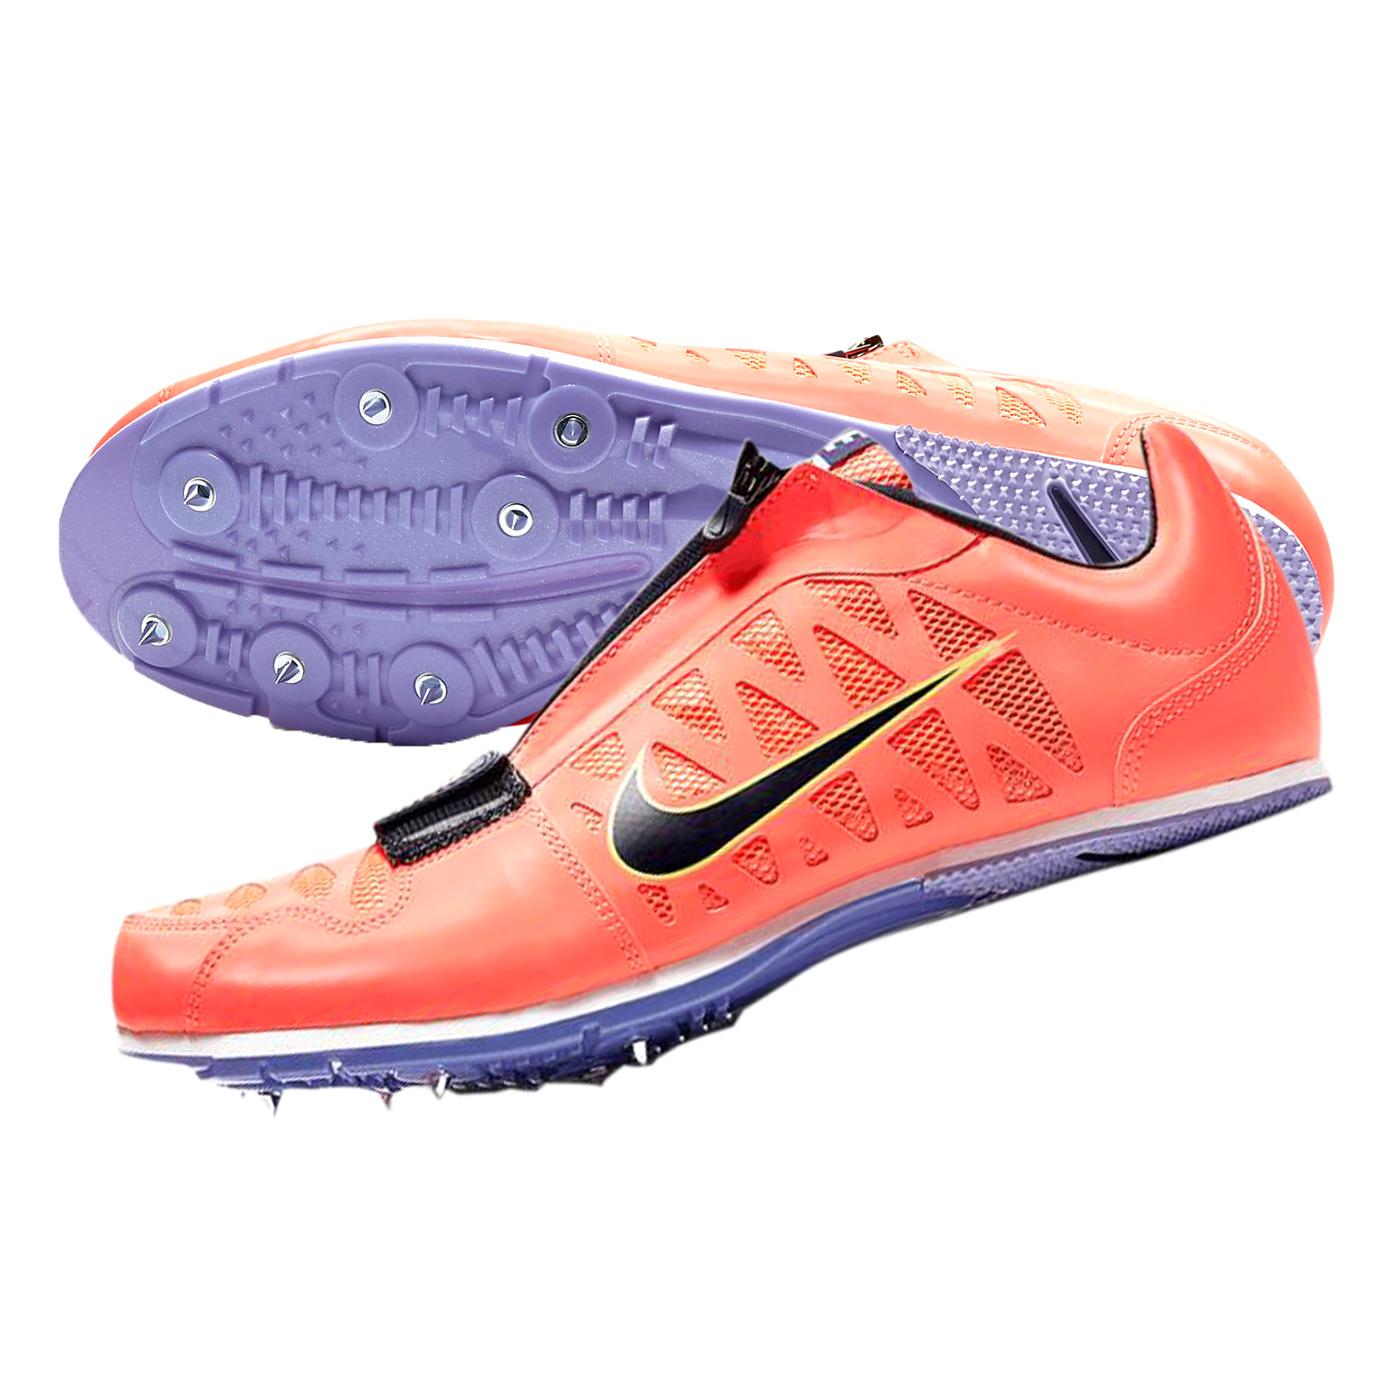 NIKE 田徑跳遠鞋  @ZOOM LJ 4@415339800 - 亮橘黑綠紫